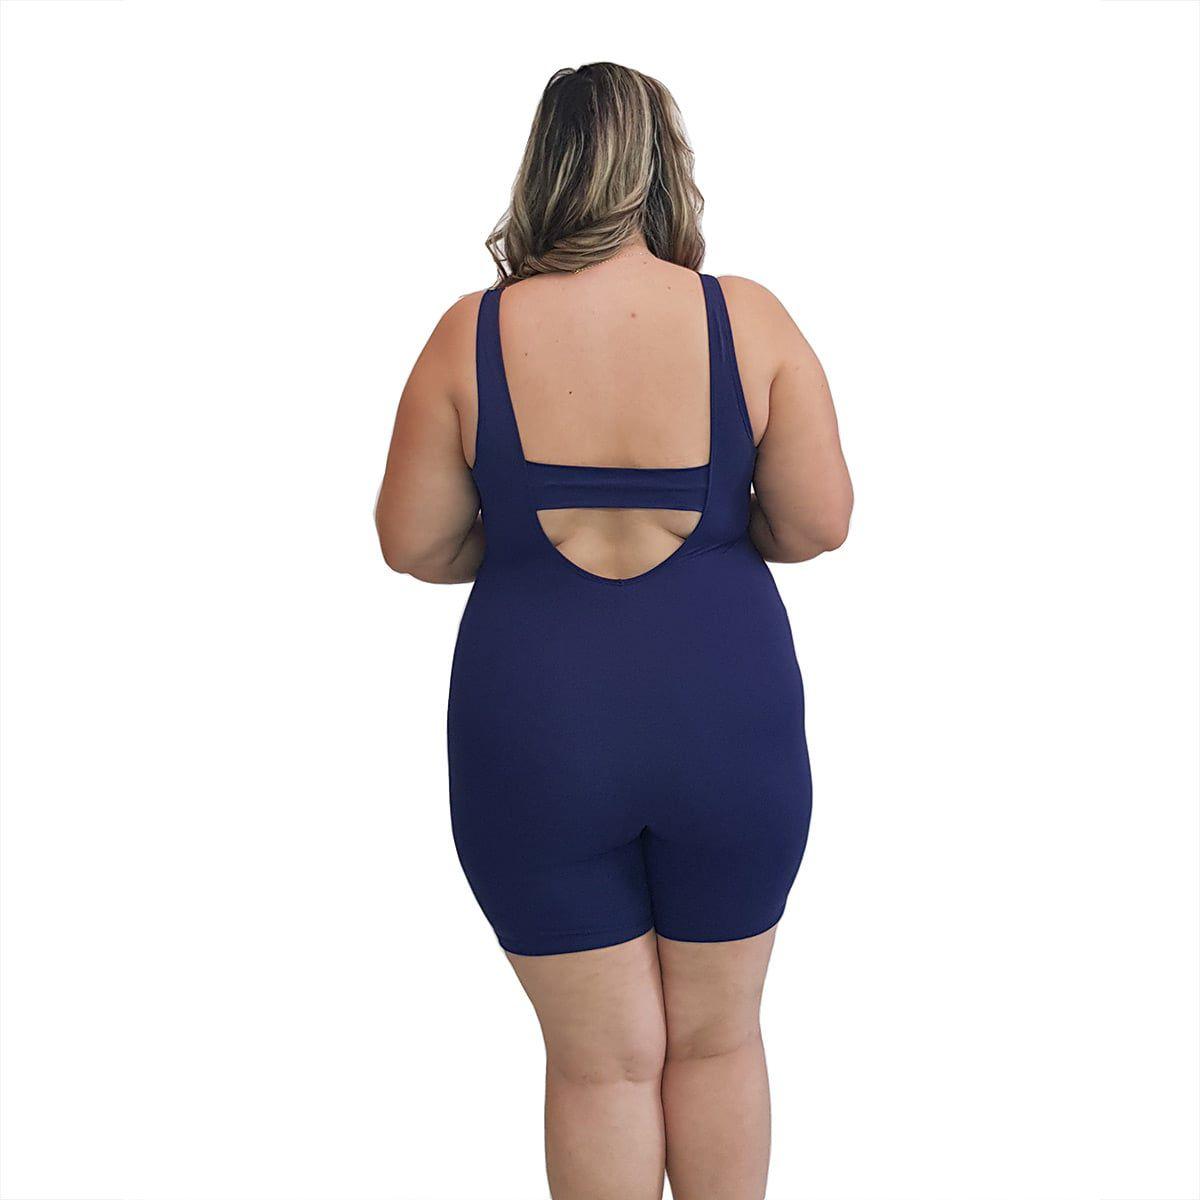 Macaquinho Natação Light Plus Size Azul Marinho e Bic com Sustentação